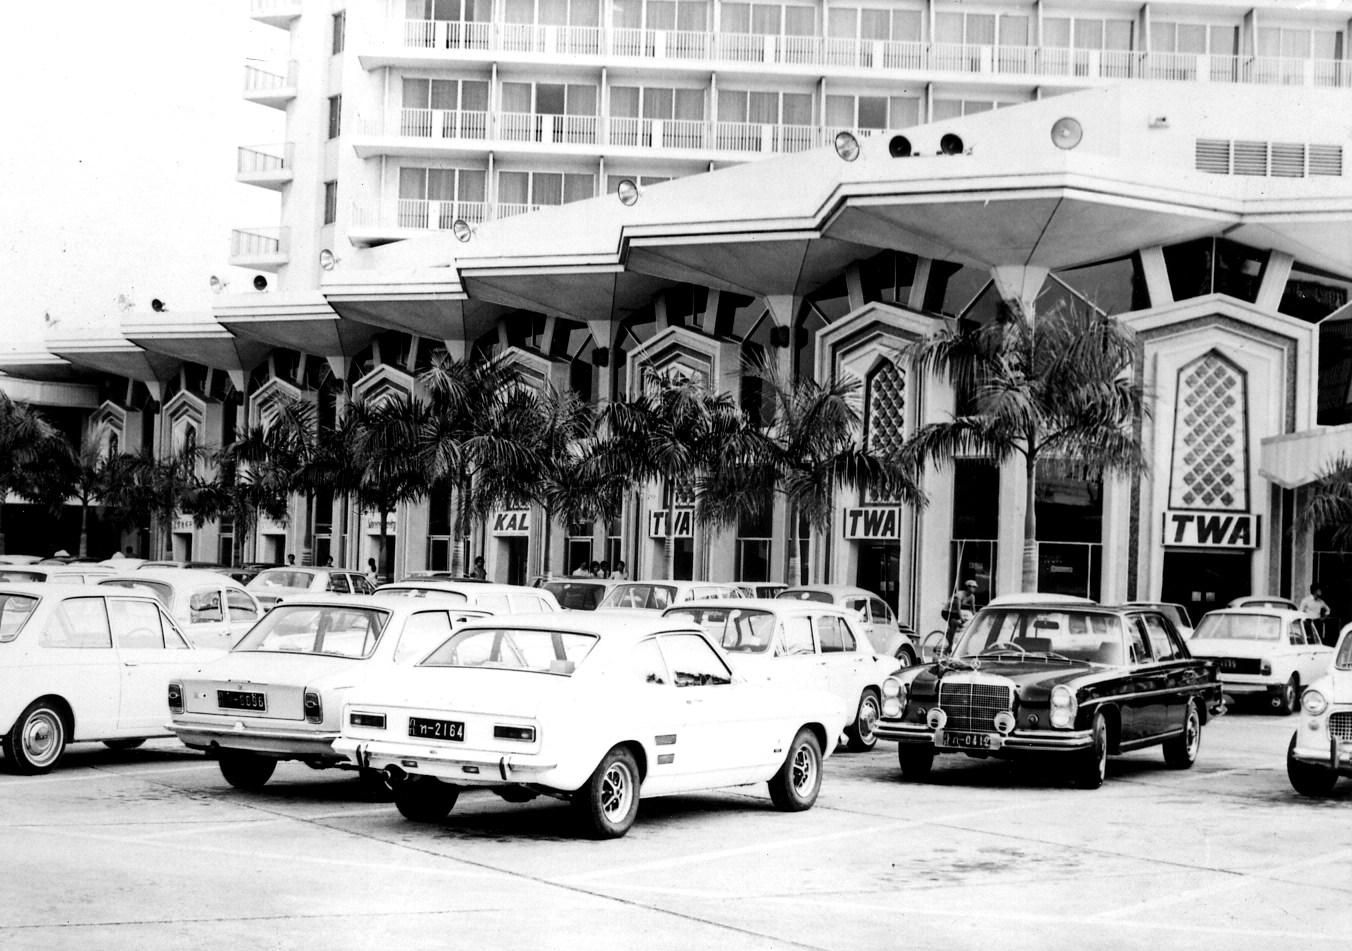 รถยนต์ โรงแรมดุสิตธานี 1970s